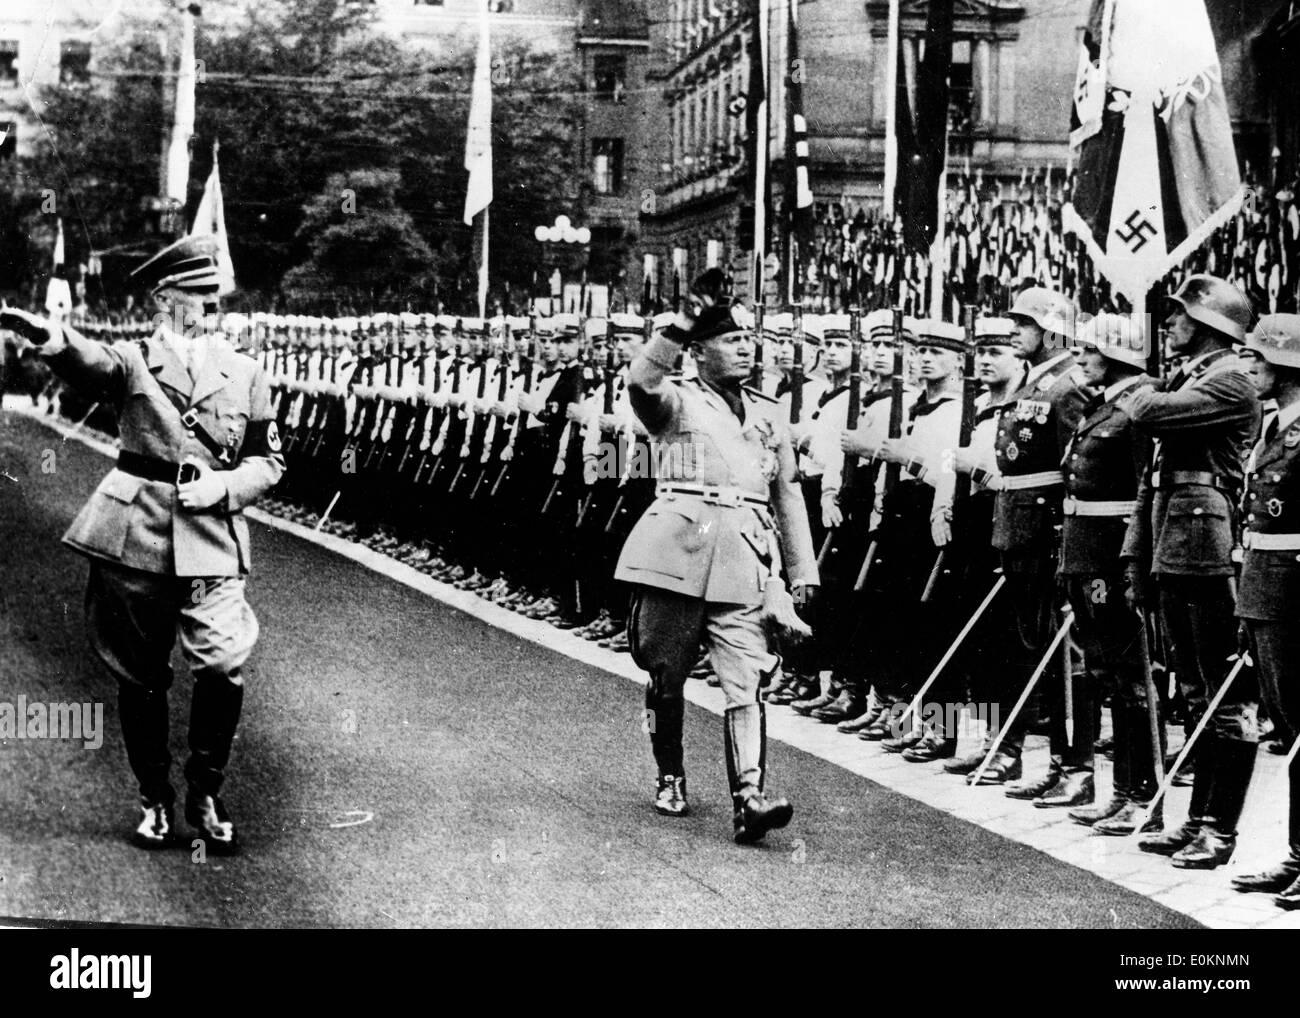 Adolf Hitler y Mussolini inspeccionando los guardias militares y navales Foto de stock